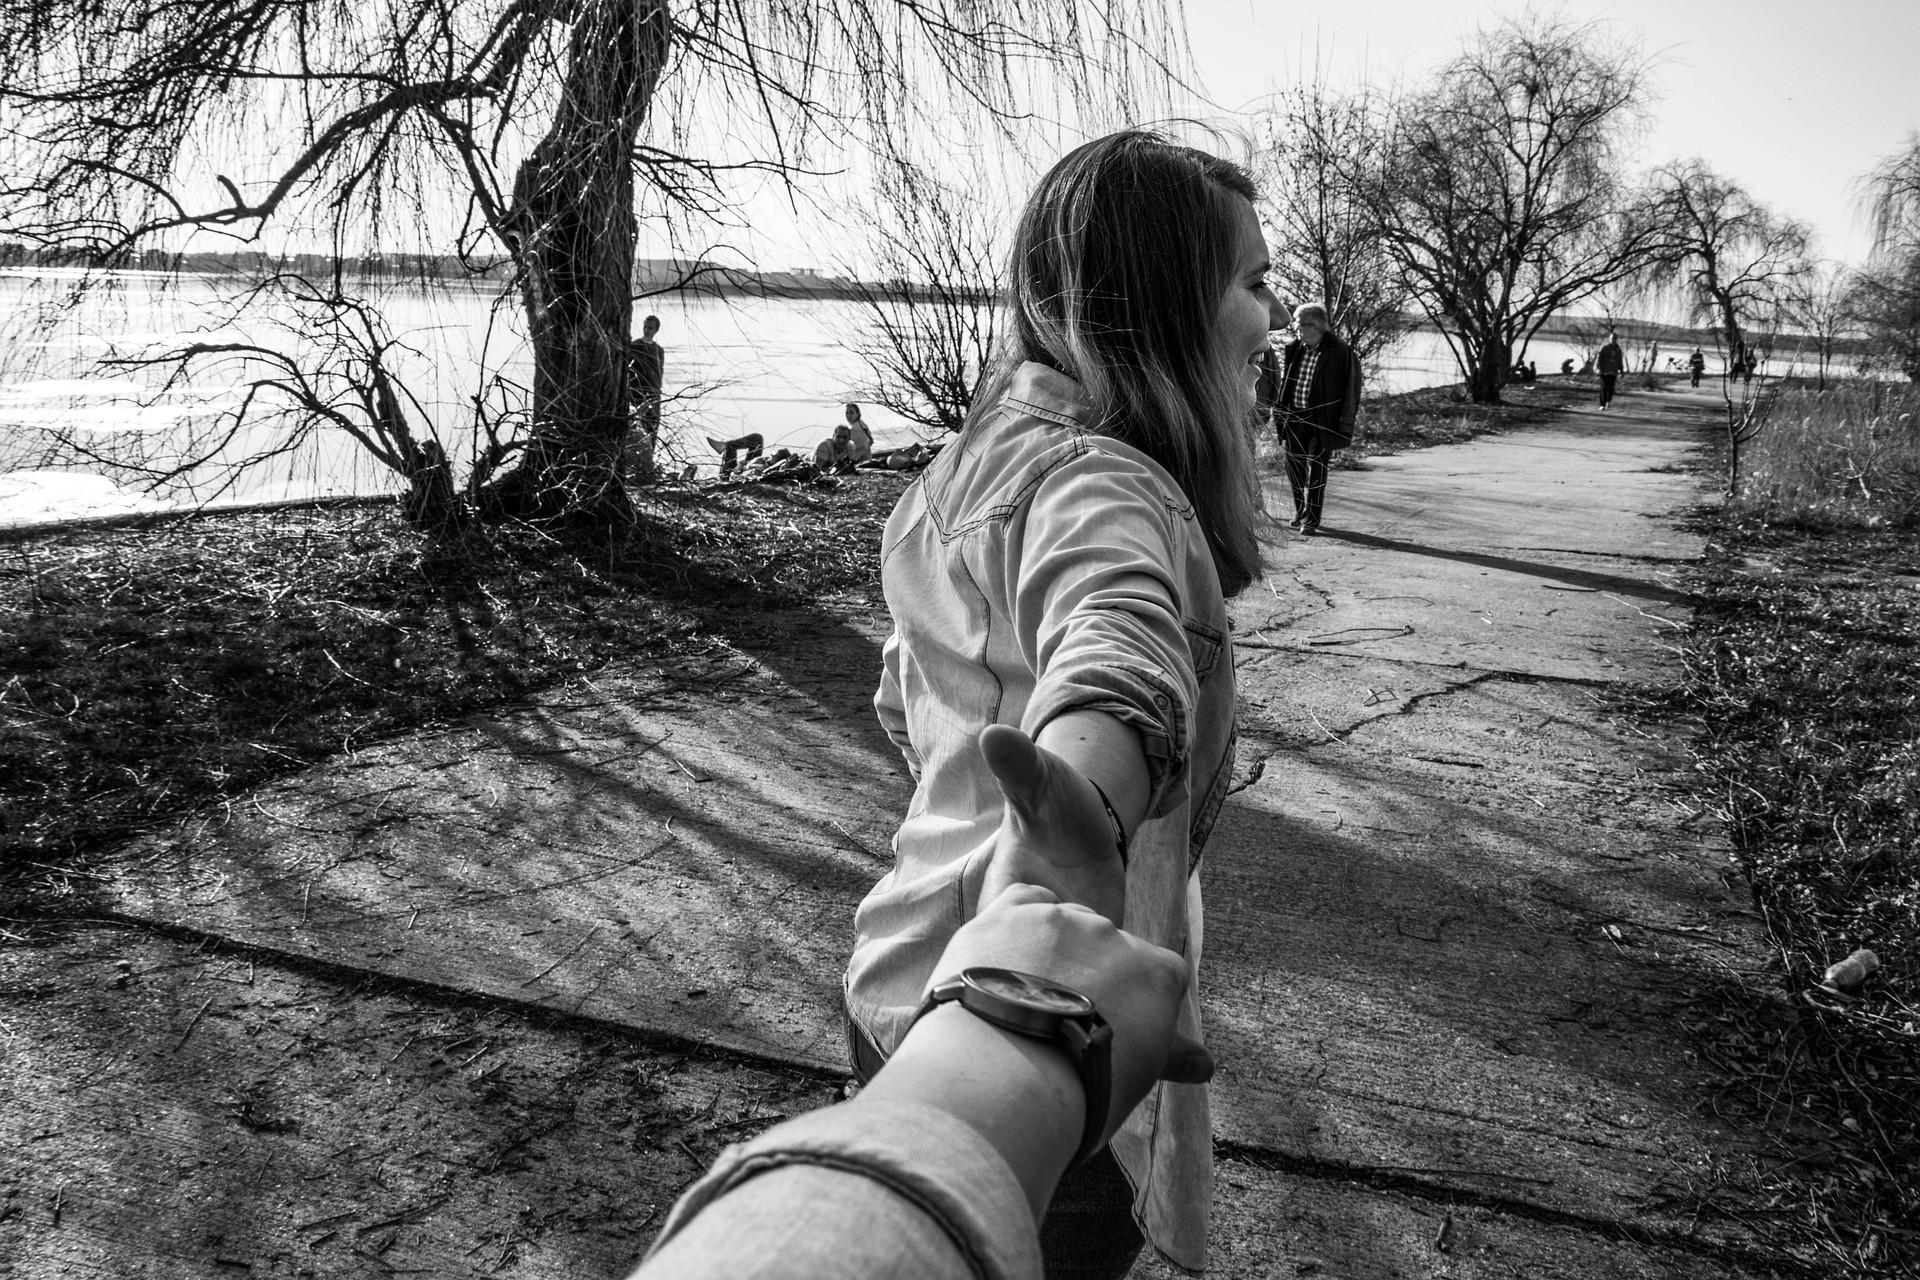 Sering Diabaikan Pasangan, 3 Hal Ini Penyebab Awal Terjadinya Perselingkuhan - JPNN.com